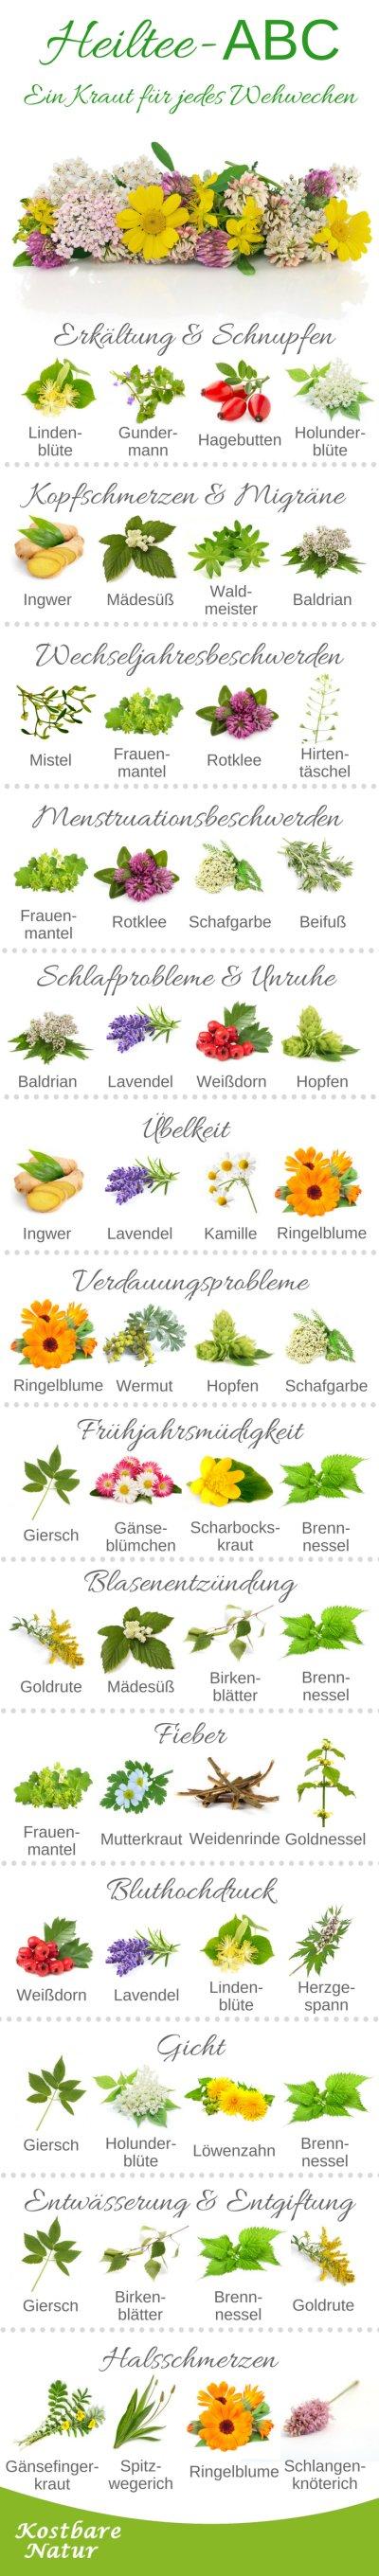 Eine Vielzahl von Beschwerden lässt sich auf natürlichem Wege durch Heiltees lindern. Finde heraus, welche Pflanzen bei welchen Beschwerden helfen.